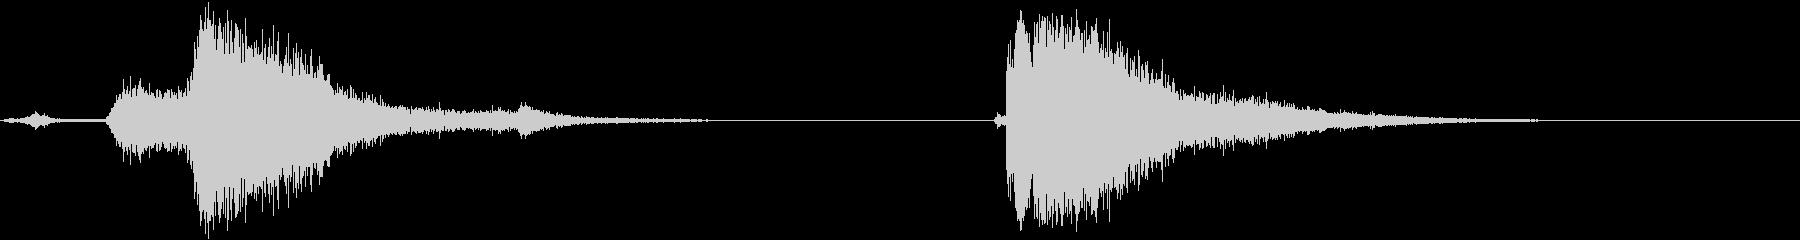 ピータービルトセミトラック:各種エ...の未再生の波形